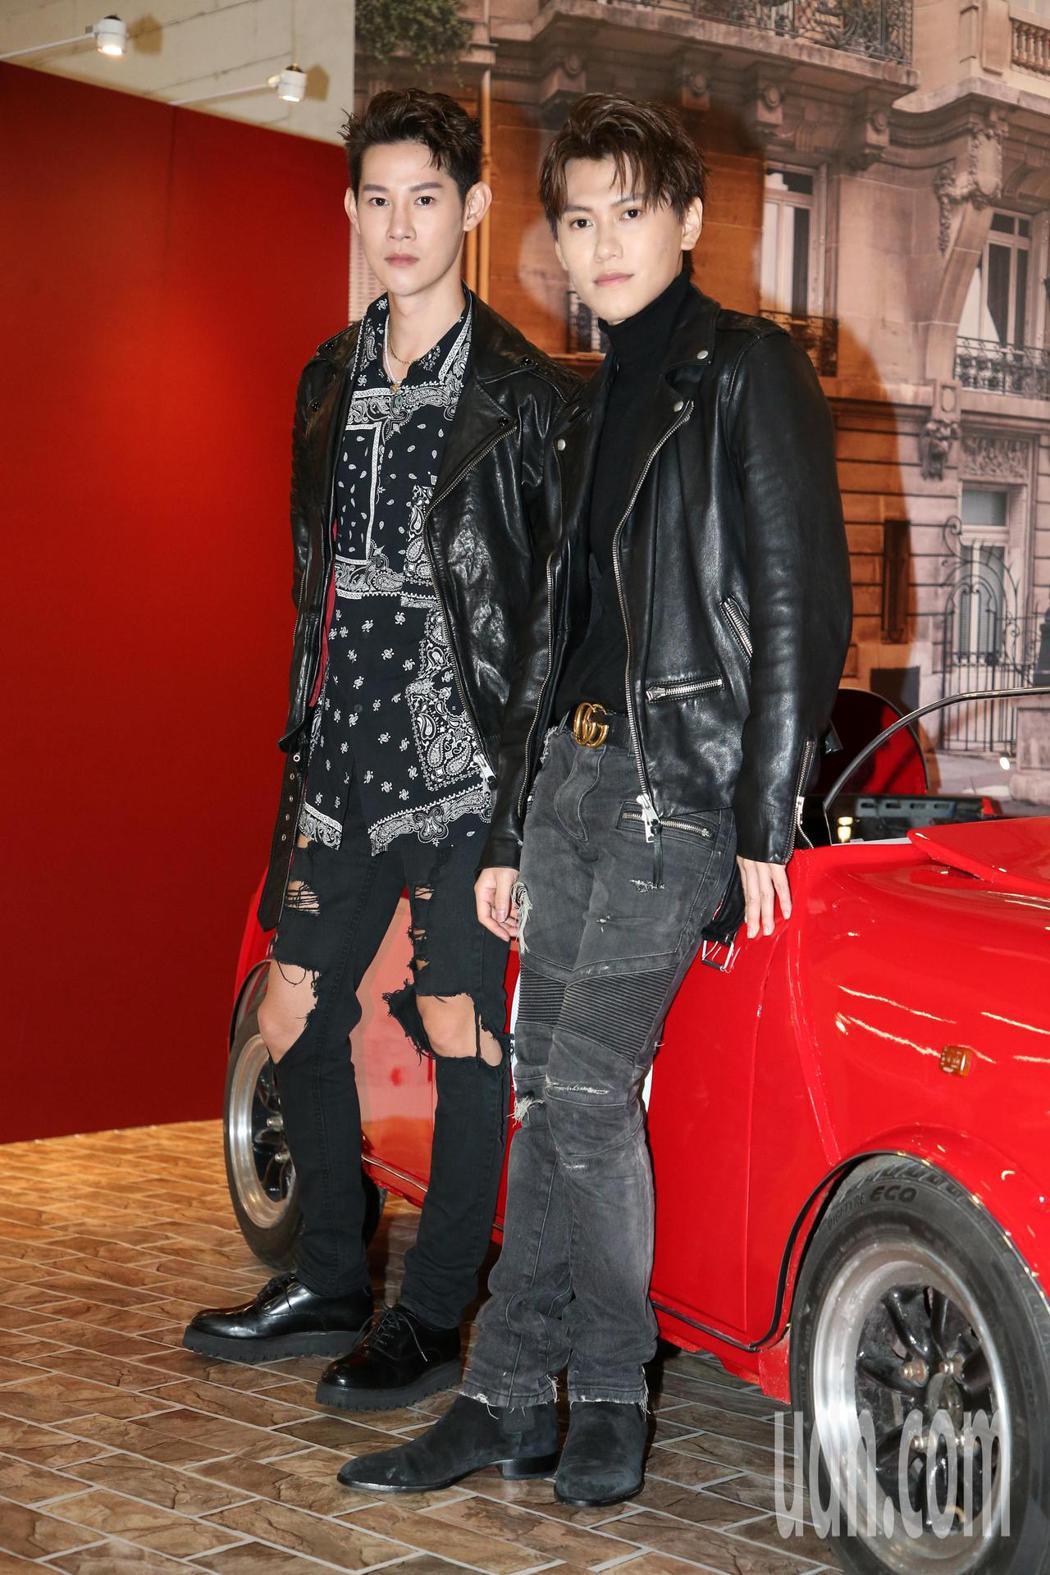 夏和熙(左)與邱宇辰(右)今天一起看模型車展。記者胡經周/攝影